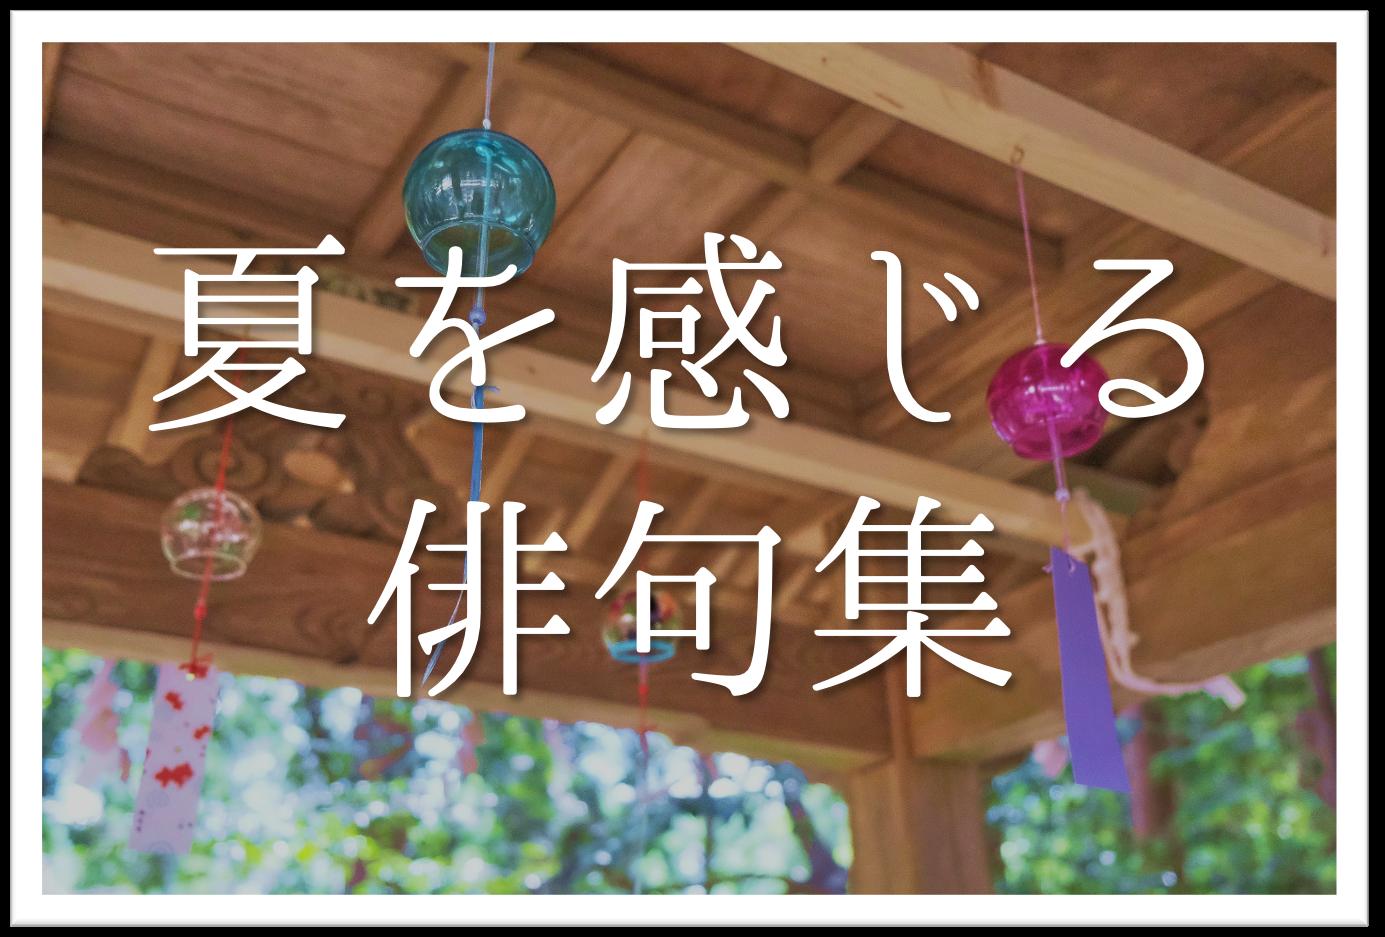 【夏を感じる俳句 20選】知っておきたい!!夏の季語を使った有名&素人俳句を紹介!